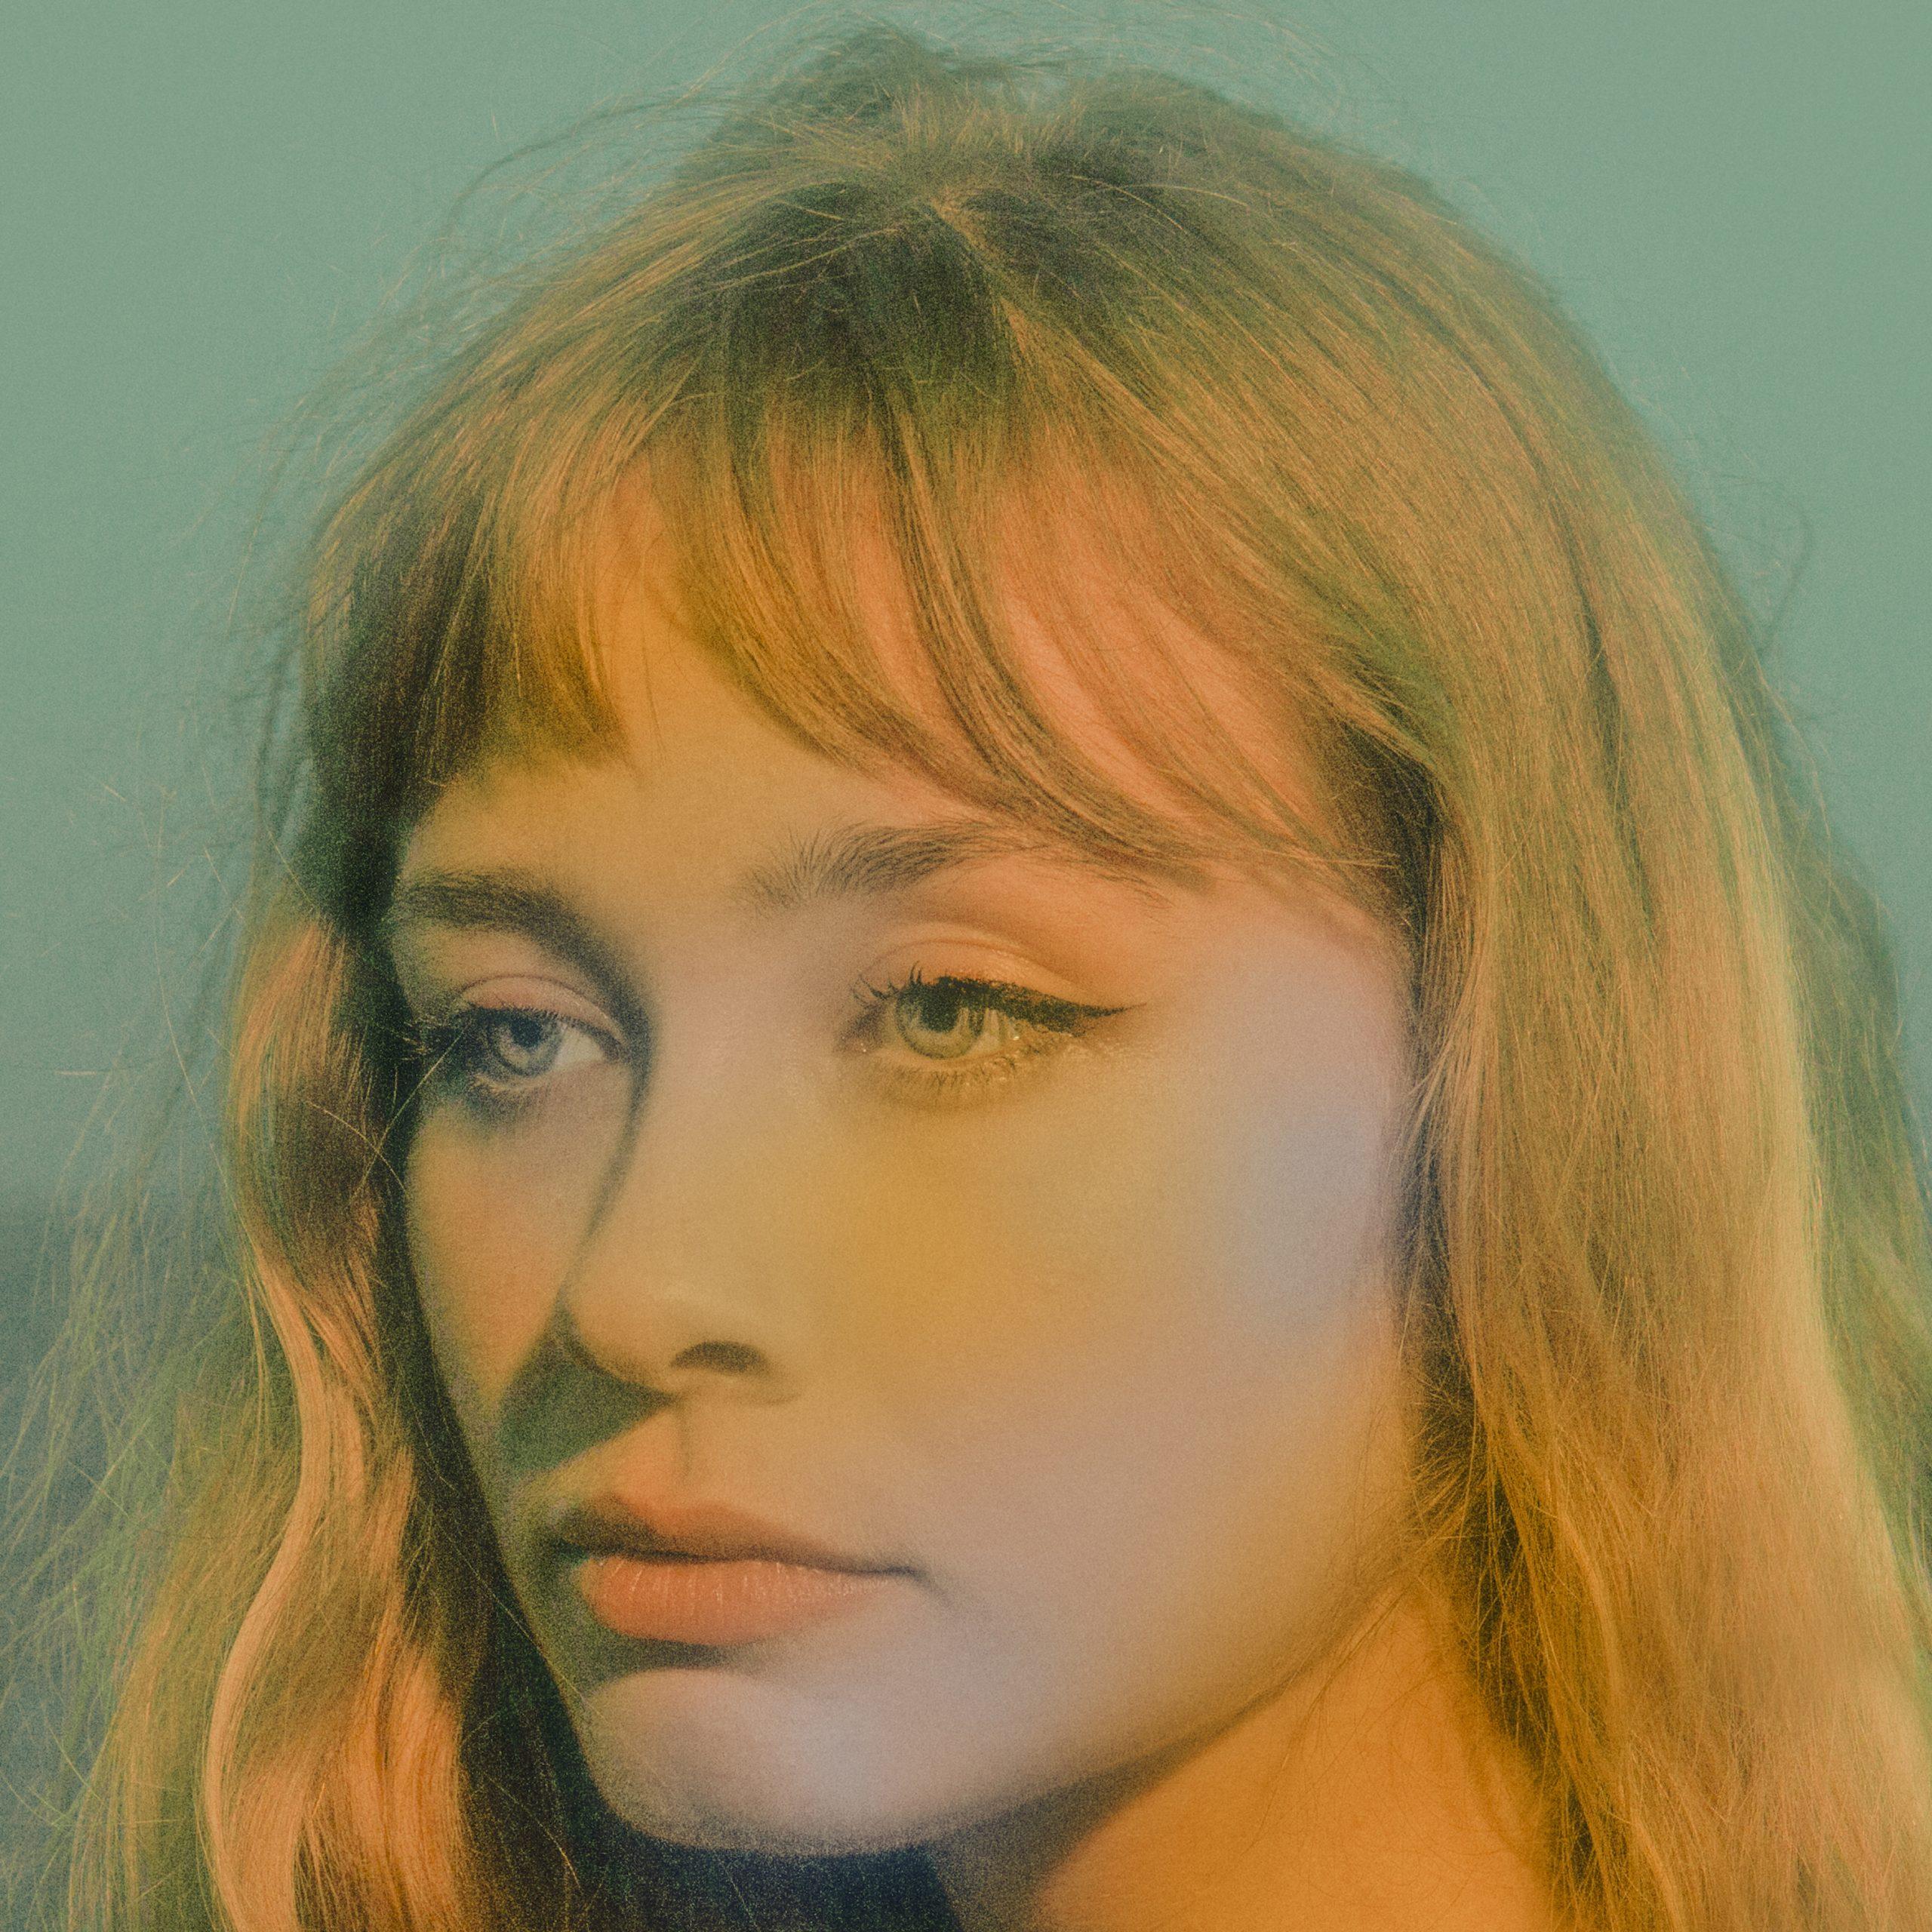 Alexandra Savior Archer